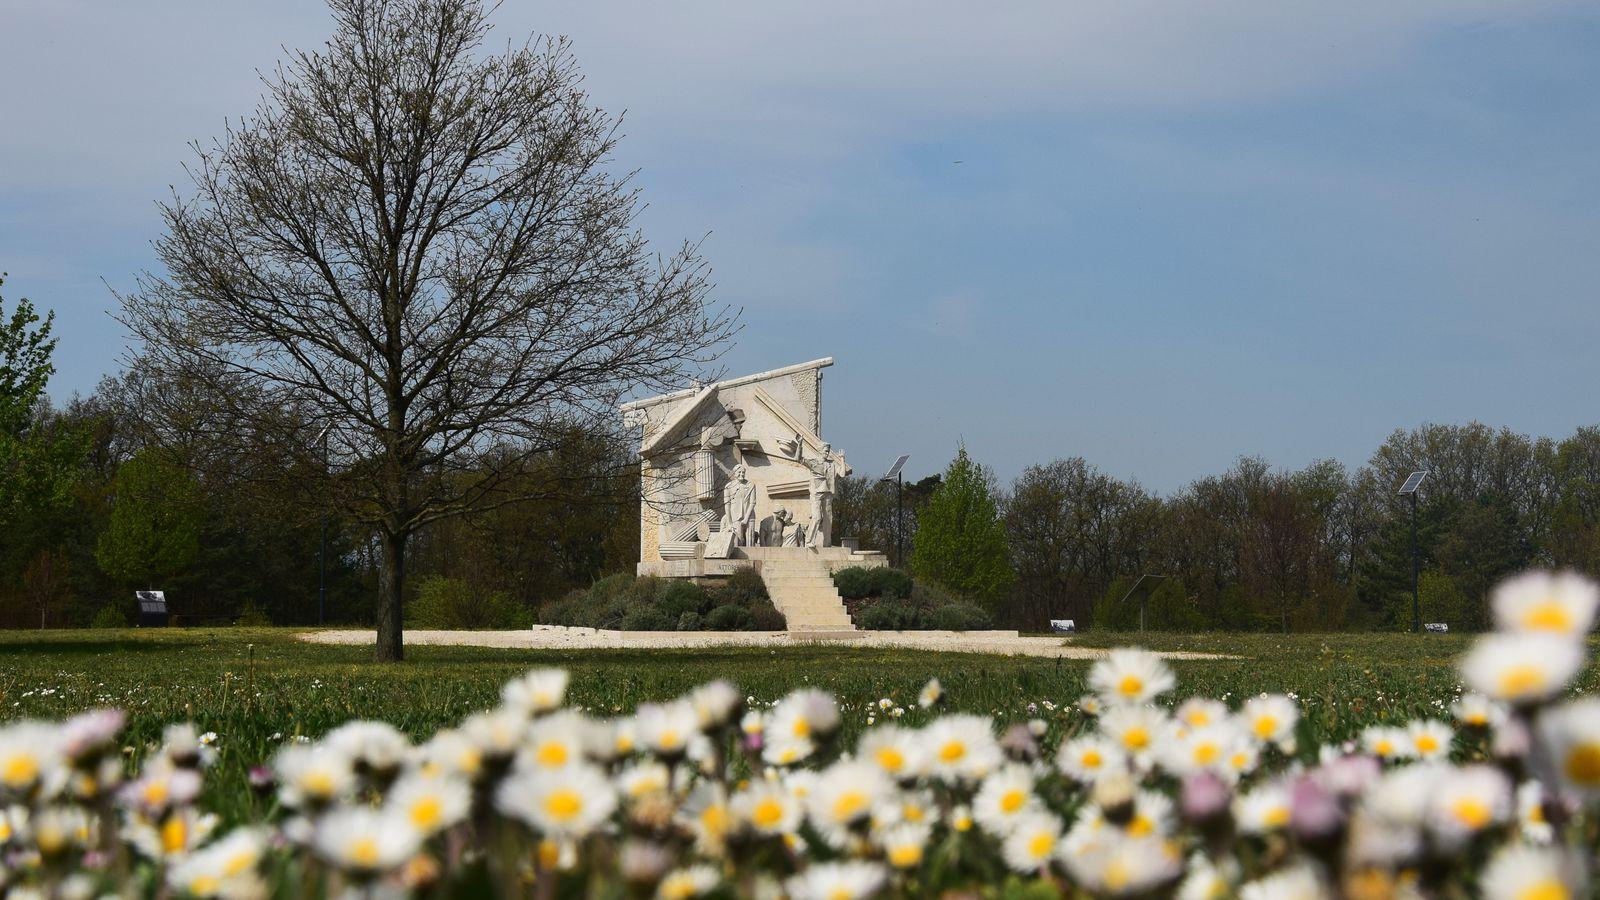 Megemlékezés a Páneurópai Piknik és határáttörés 32. évfordulójáról